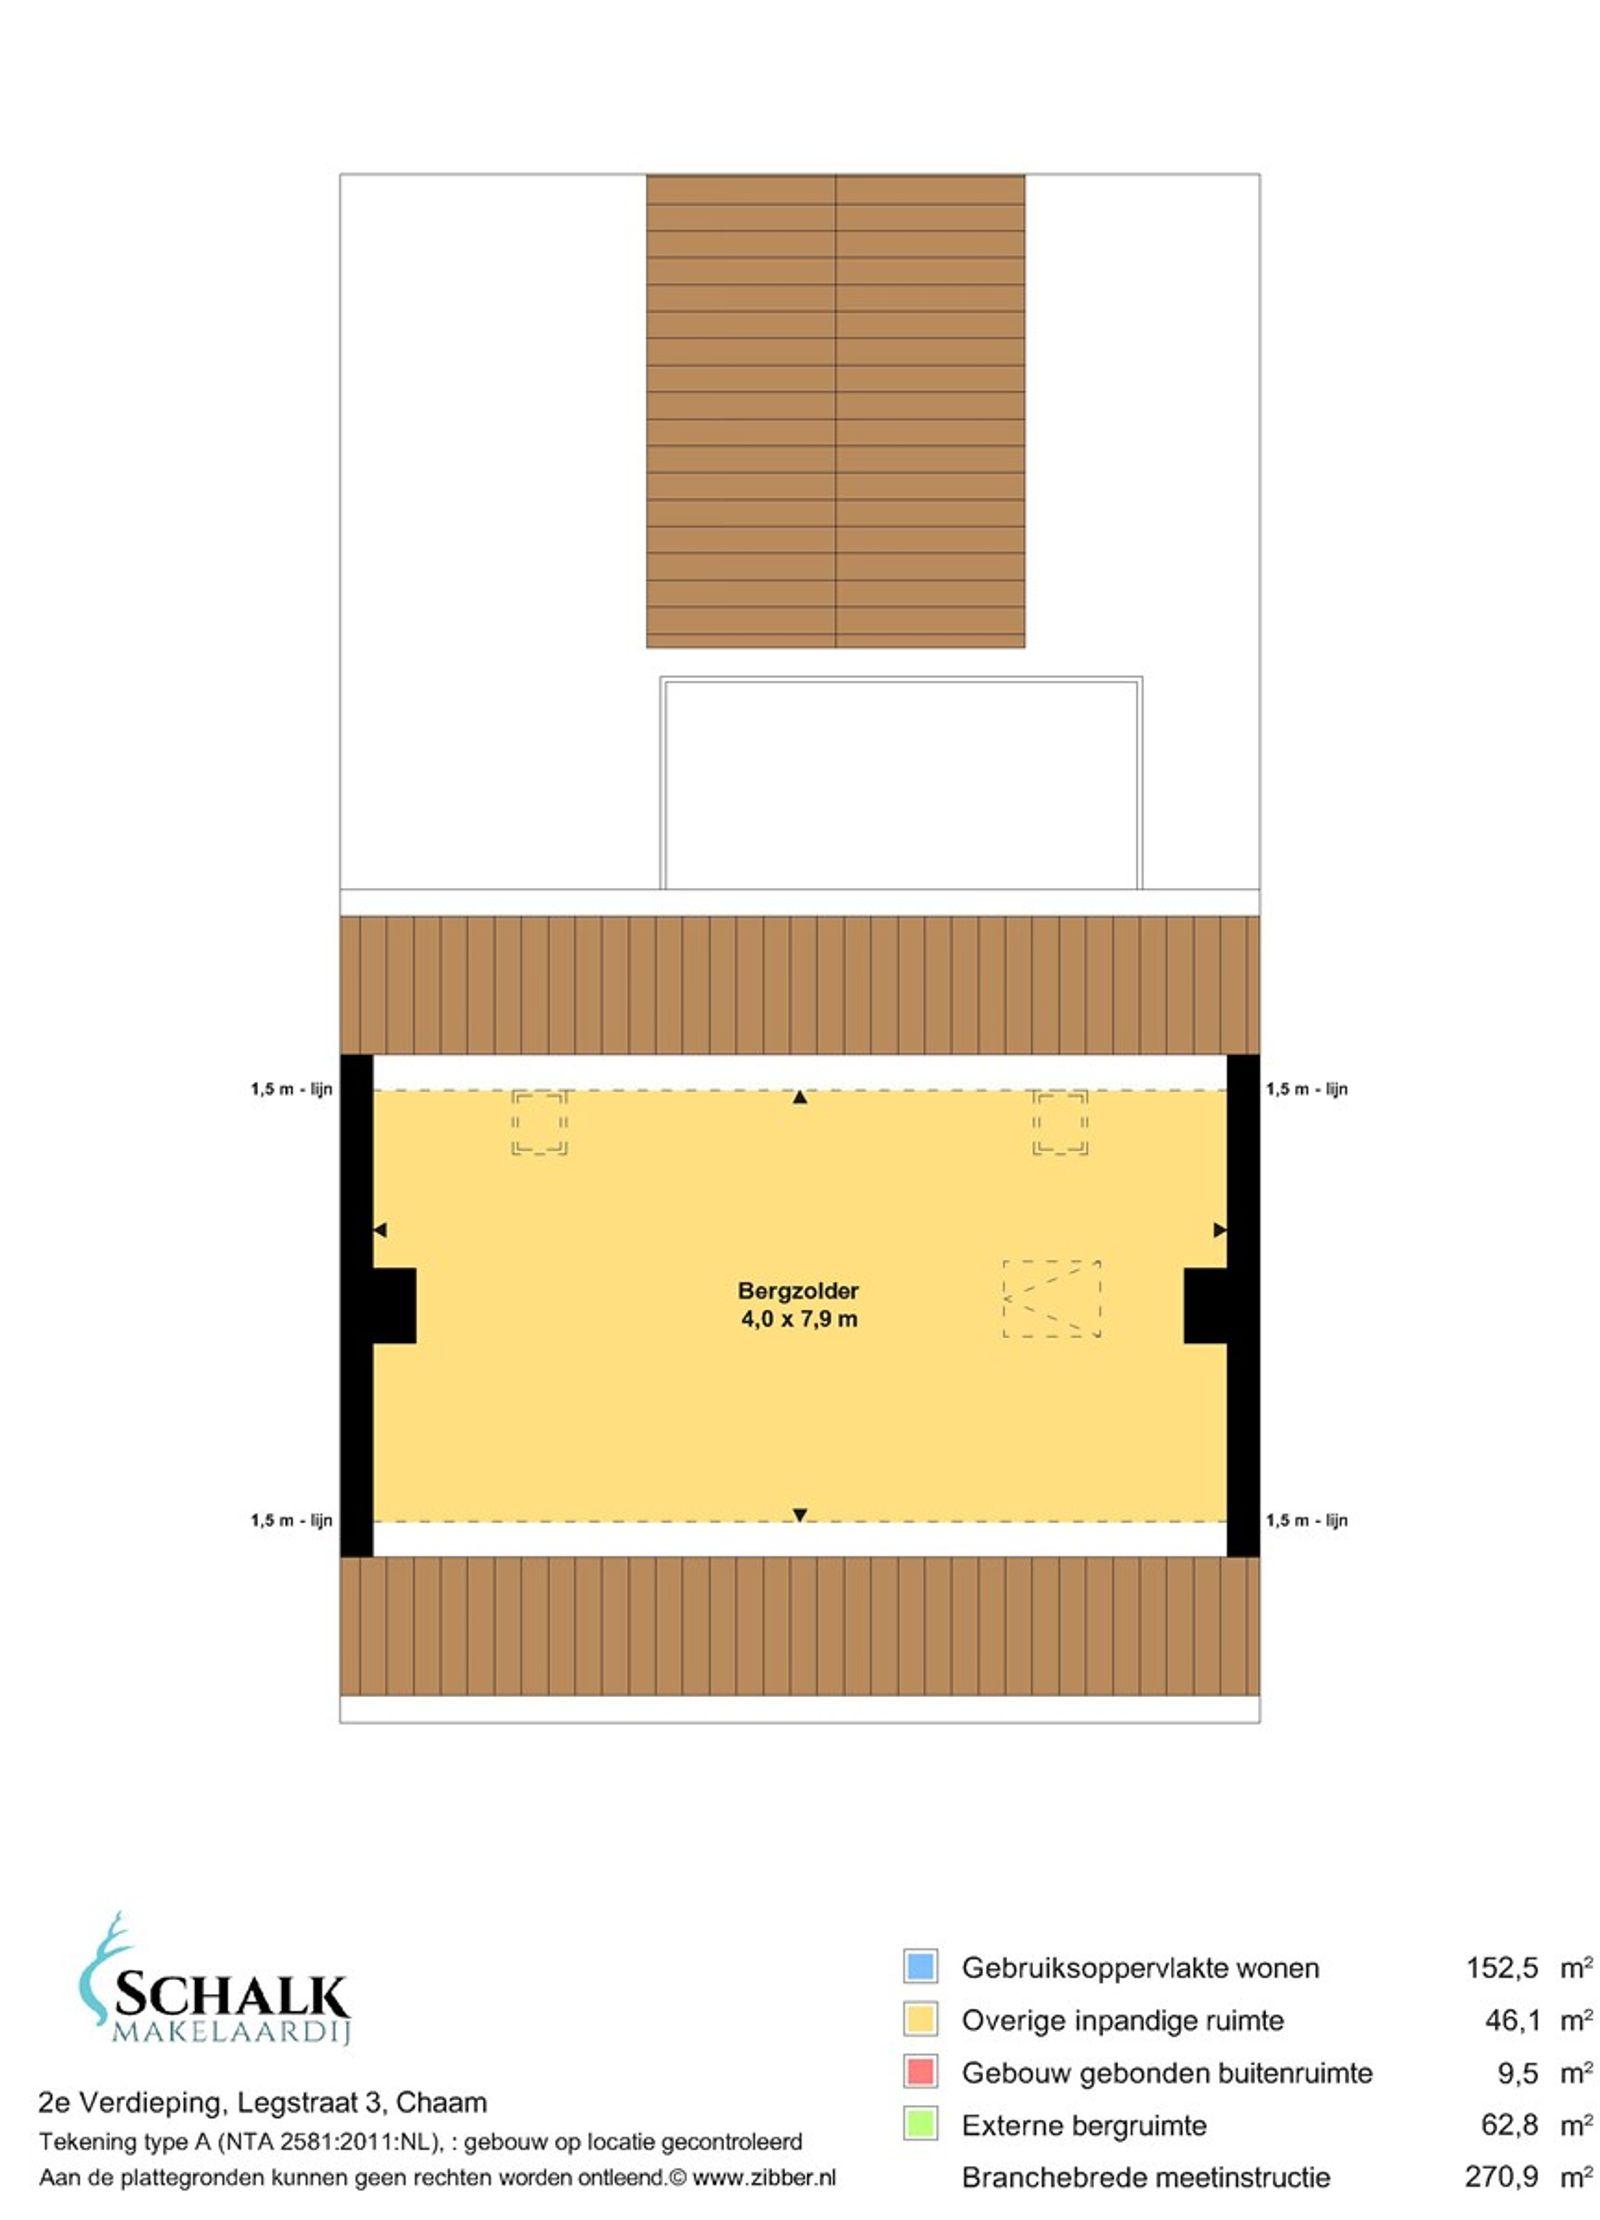 Deze uitgebouwde vrijstaande woning met garage/stal is gelegen in een prachtige groenrijke omgeving maar toch op korte afstand van de dorpskern van Chaam met al haar dorpsvoorzieningen. De woning heeft op de begane grond o.a. een ruime living met schouw en rookkanaal, een woonkeuken, badkamer, achter entree, cv ruimte en een (klus)berging met aparte ingang. De eerste verdieping heeft vier slaapkamers.  De afwerking is dermate verouderd maar geeft ruimte om alles naar eigen inzicht te gaan afwerken. Men dient dus rekening te houden met eventuele modernisering- en/of verbouwingskosten.  De woning wordt aangeboden op een perceel van circa 4.100 m² maar het behoort tot de mogelijkheden om het object met meer grond aan te kopen. Voor vragen hieromtrent kunt u contact opnemen met ons kantoor.  Meer informatie over het bestemmingsplan alsmede de voorwaarden leest u verder in deze tekst.   BEGANE GROND Entree/hal met toegang tot de living en woonkeuken. Afwerking- tegelvloer, lambrisering met sierpleister op de wanden en een zachtboard plafond. Meterkast- 5 groepen, 1 aardlekschakelaar en krachtstroom.  Ruime living voorzien van een schouw met rookkanaal en een tweetal praktische vaste kasten. Afwerking- laminaatvloer, behangen wanden en een houten schroten plafond.  Woonkeuken in hoekopstelling uitgerust met een houten aanrechtblad, dubbele spoelbak, vaatwasser, elektrische oven, koelkast en een afzuigkap. Een leuk detail is de ingebouwde servieskast met glas-in-lood ramen. Vanuit de keuken is de kelder bereikbaar. Afwerking- tegelvloer, betegelde wanden met daarboven stucwerk en een kunststof schroten plafond.  Achterentree/serre met grote raampartijen. De ruimte geeft toegang tot de gang. Afwerking- tegelvloer, schoonmetselwerk wanden en een houten plafond.  Gang met toegang tot de toiletruimte en badkamer. Afwerking- tegelvloer, betegelde wanden met daarboven stucwerk en een stucwerk plafond.  EERSTE VERDIEPING Overloop met toegang tot vier slaapkamers. Afwerking- zeil 